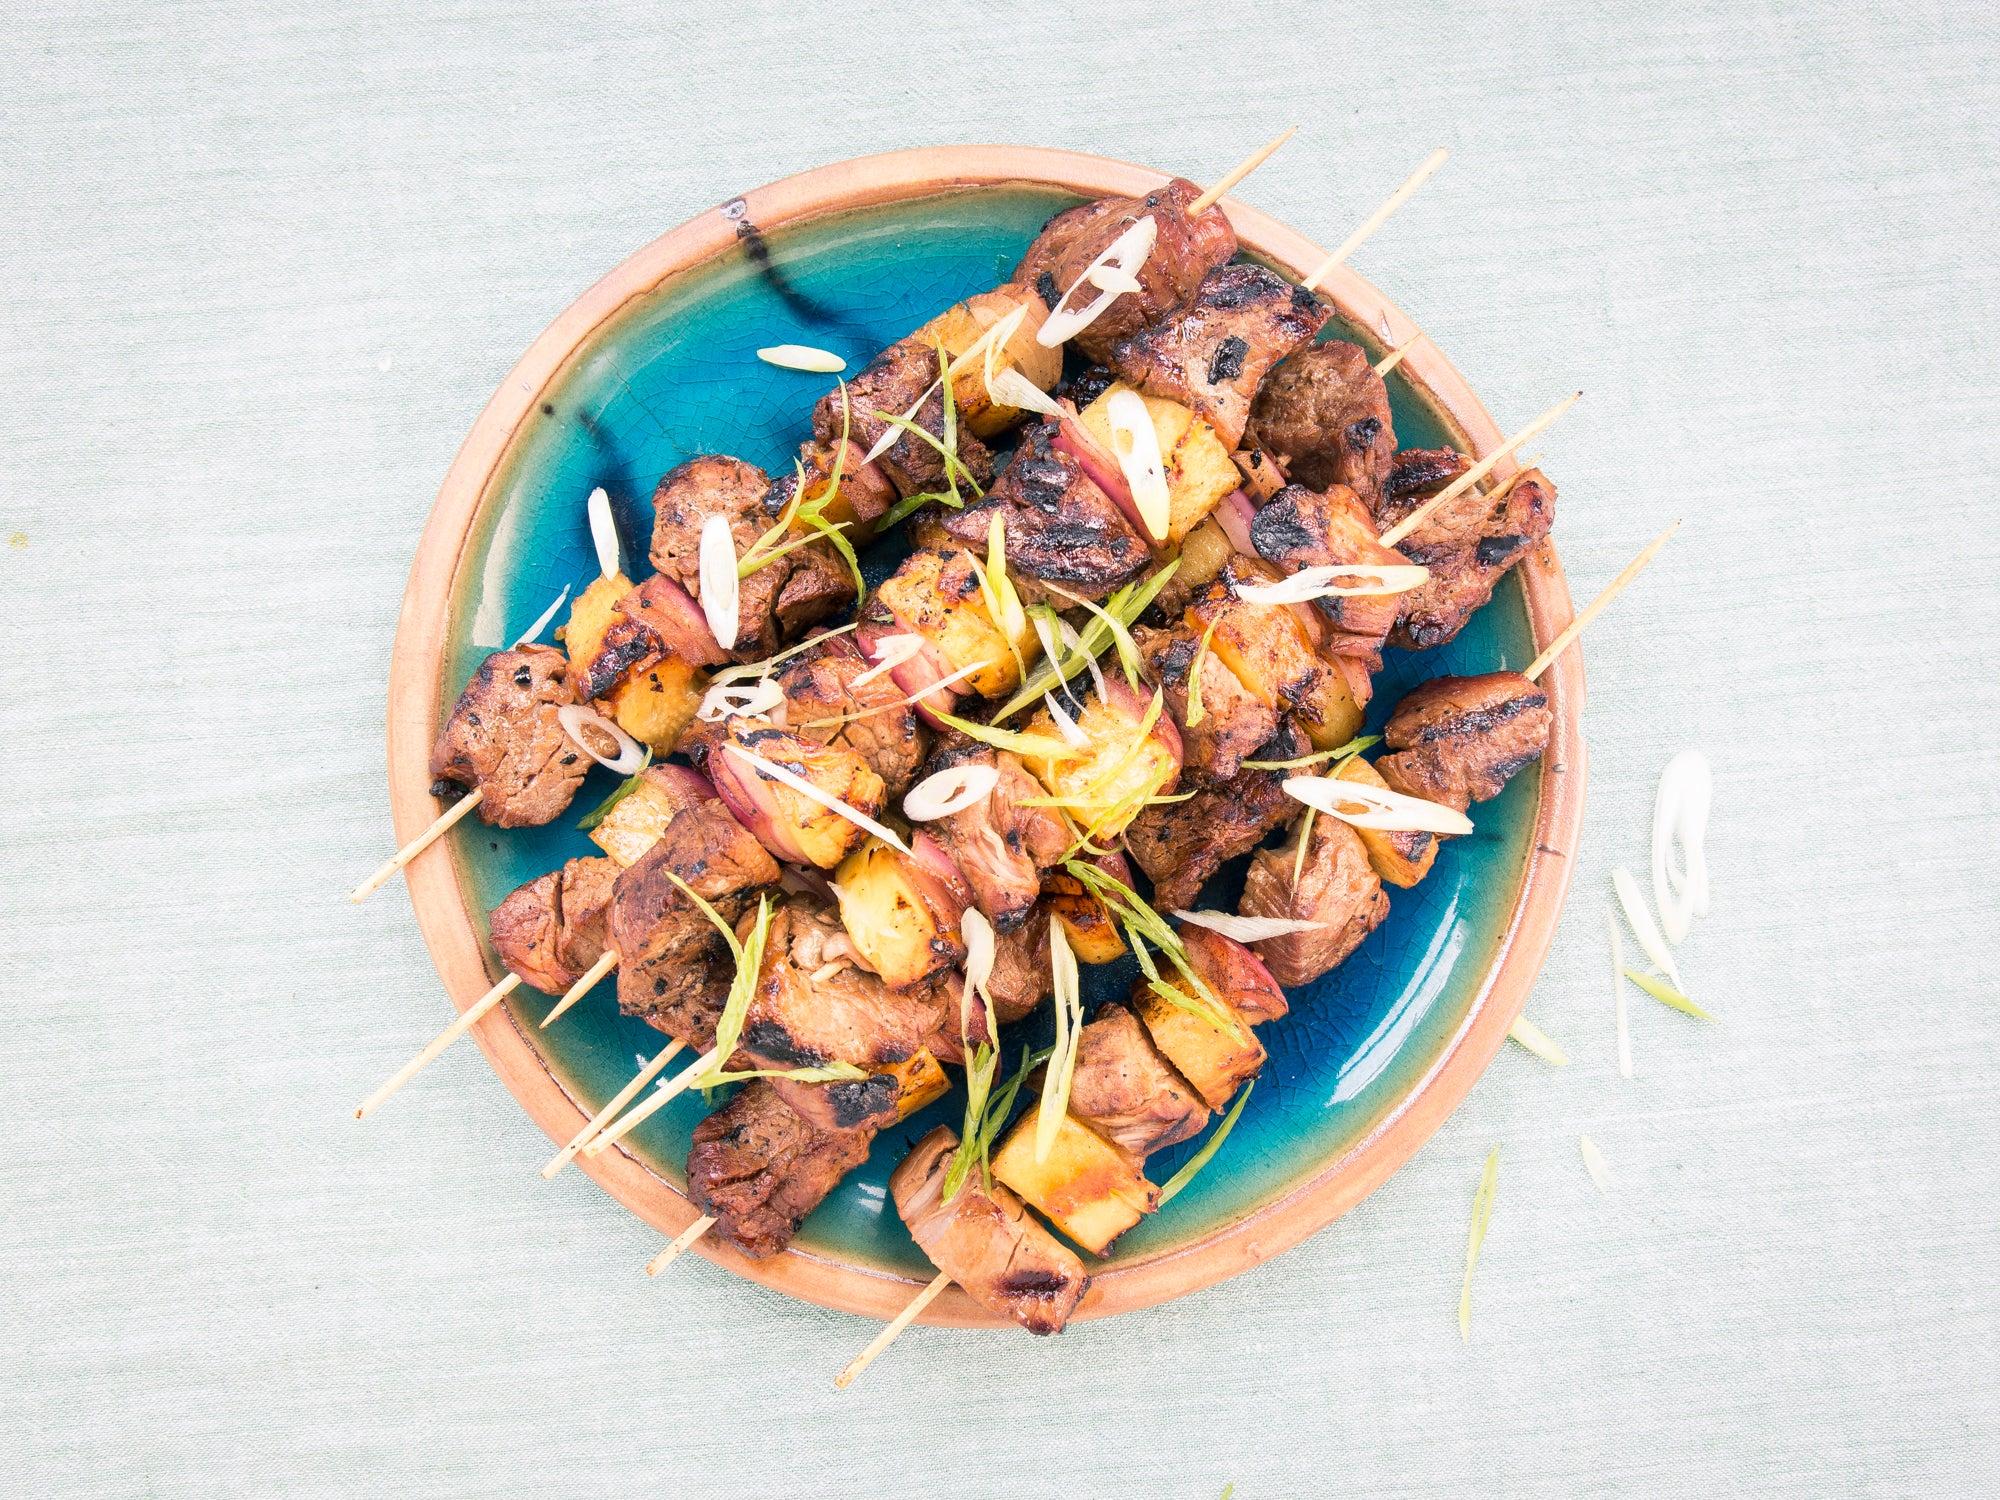 Pineapple and Pork Teriyaki Skewers